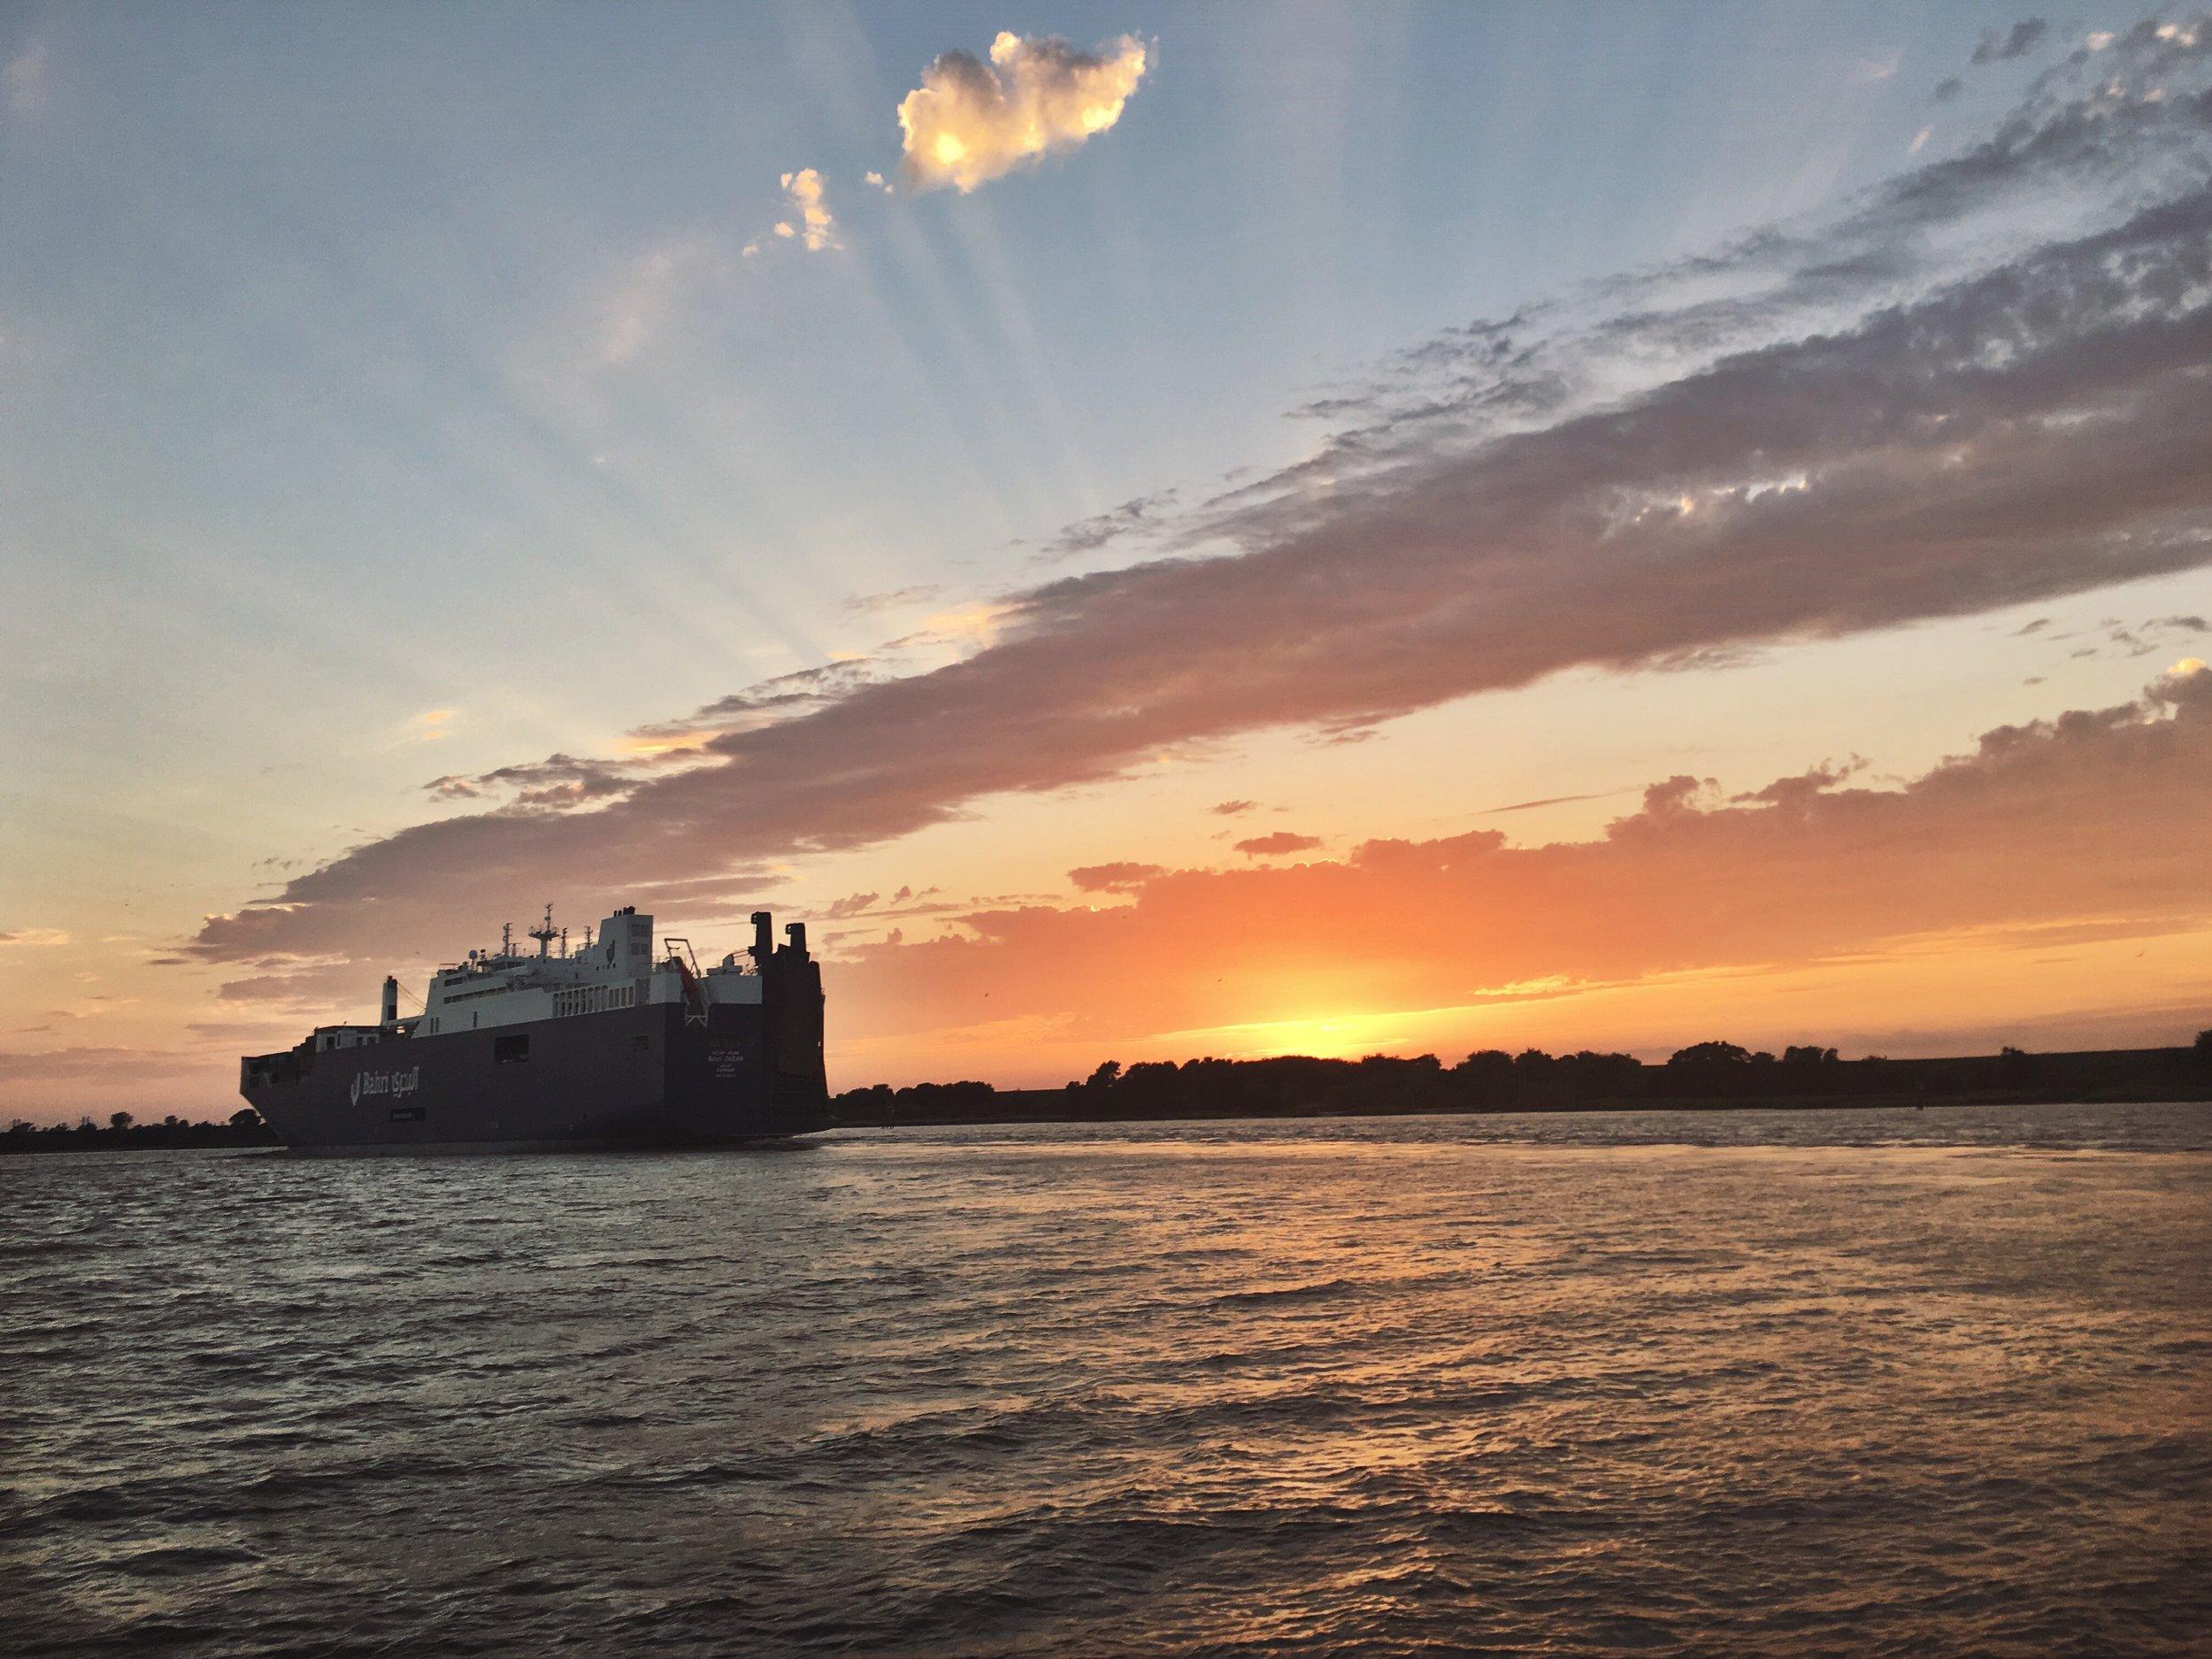 Sunset cruise in Savannah